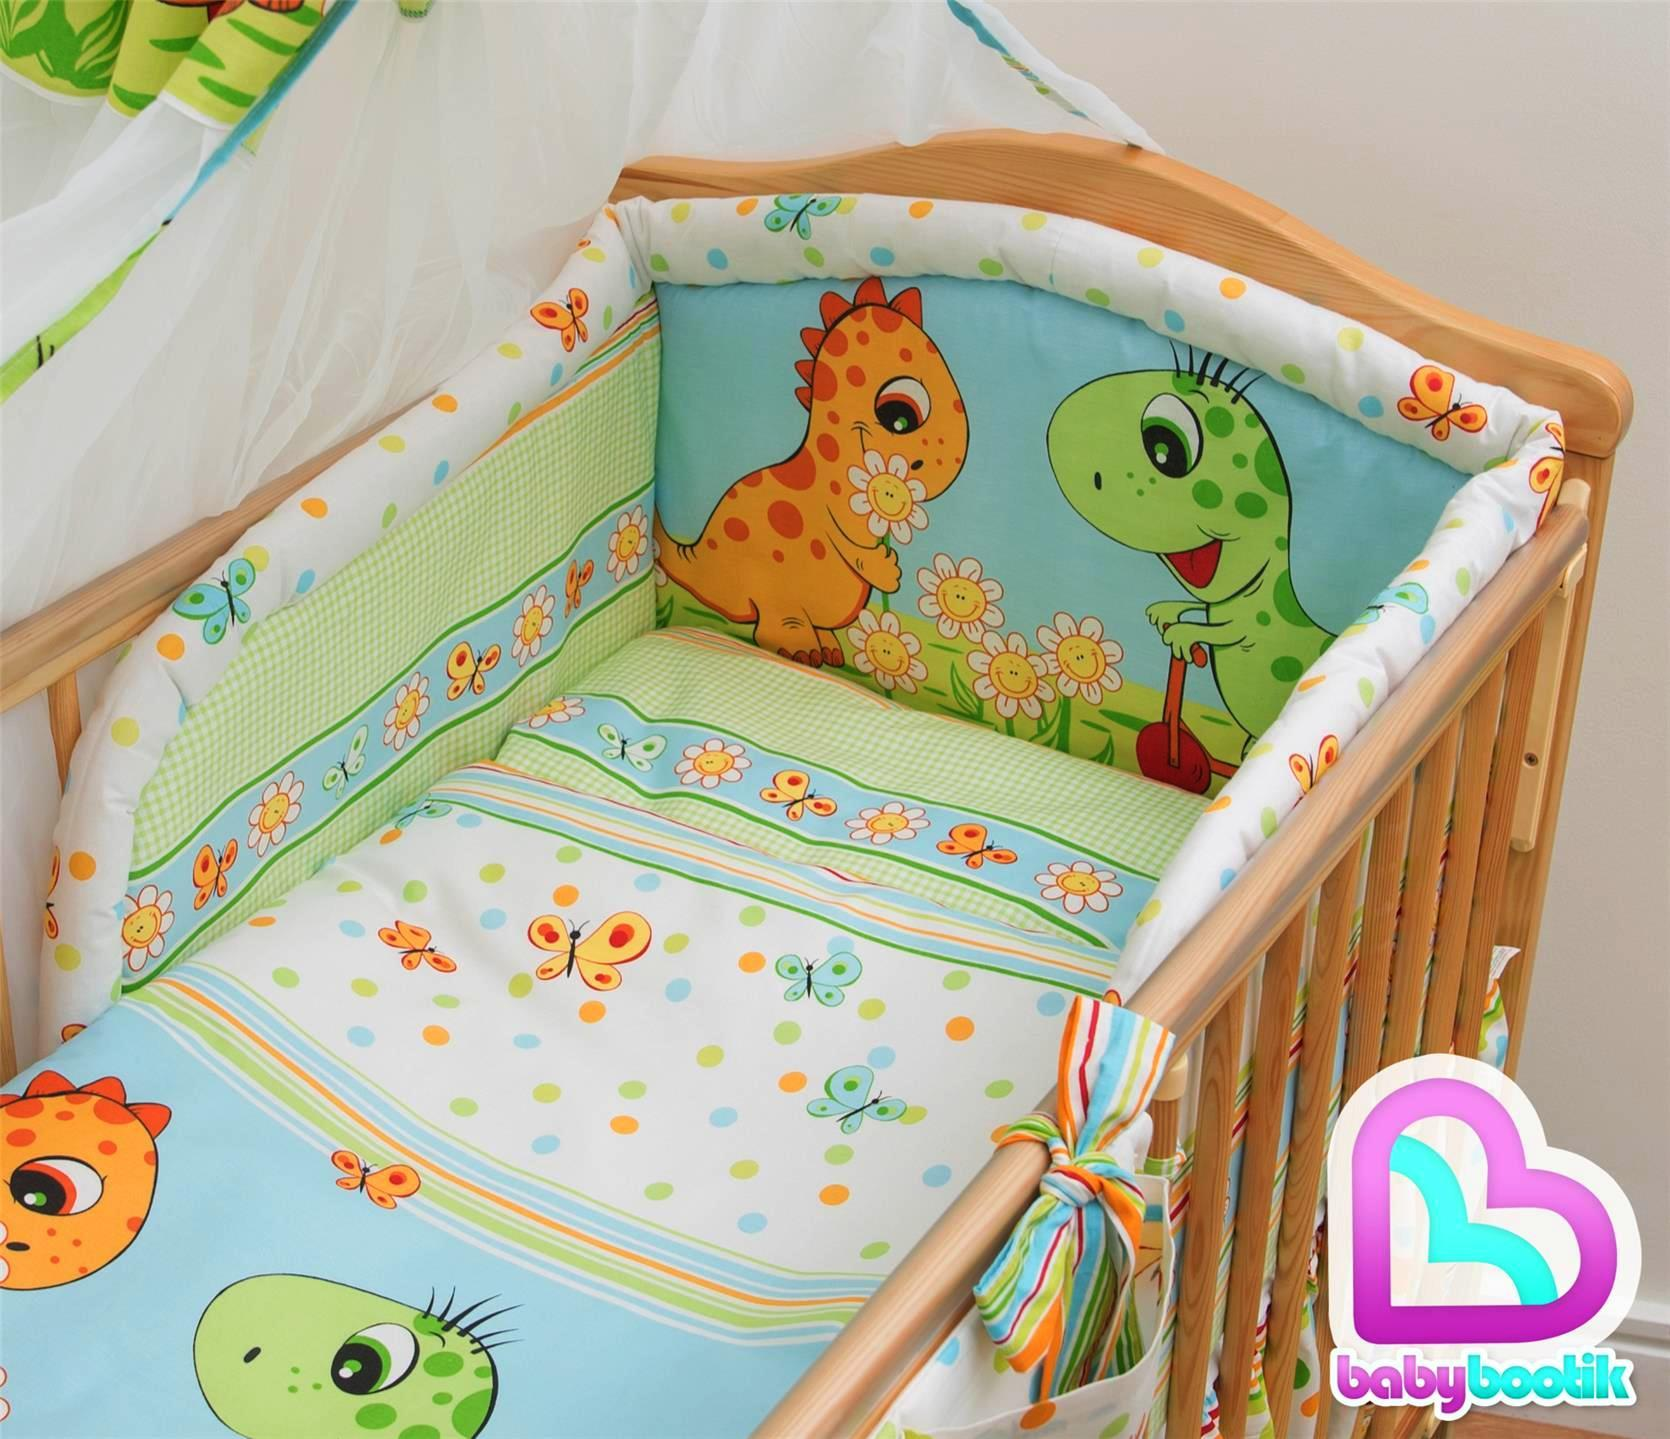 Cuarto de beb cuna cuna cama juego de ropa de cama 3 pzas 6 10 piezas s bana ebay - Juego de cama para cuna ...